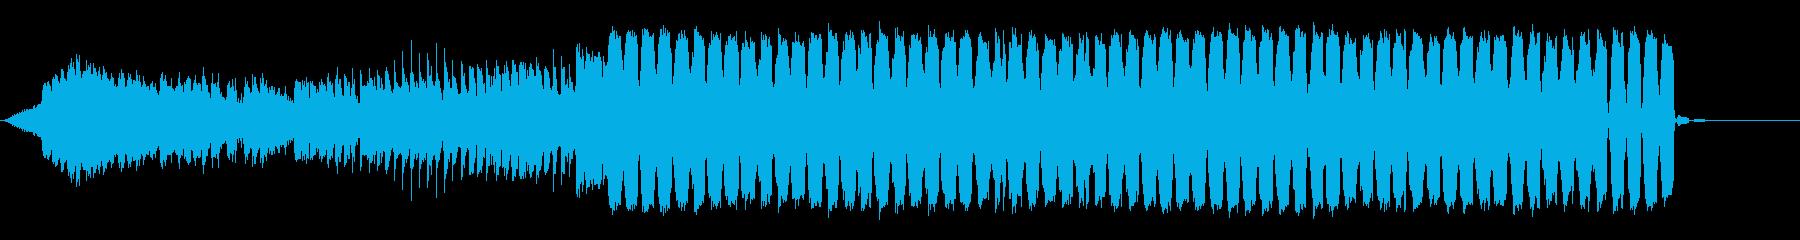 ハッピーエンドなフューチャーポップの再生済みの波形